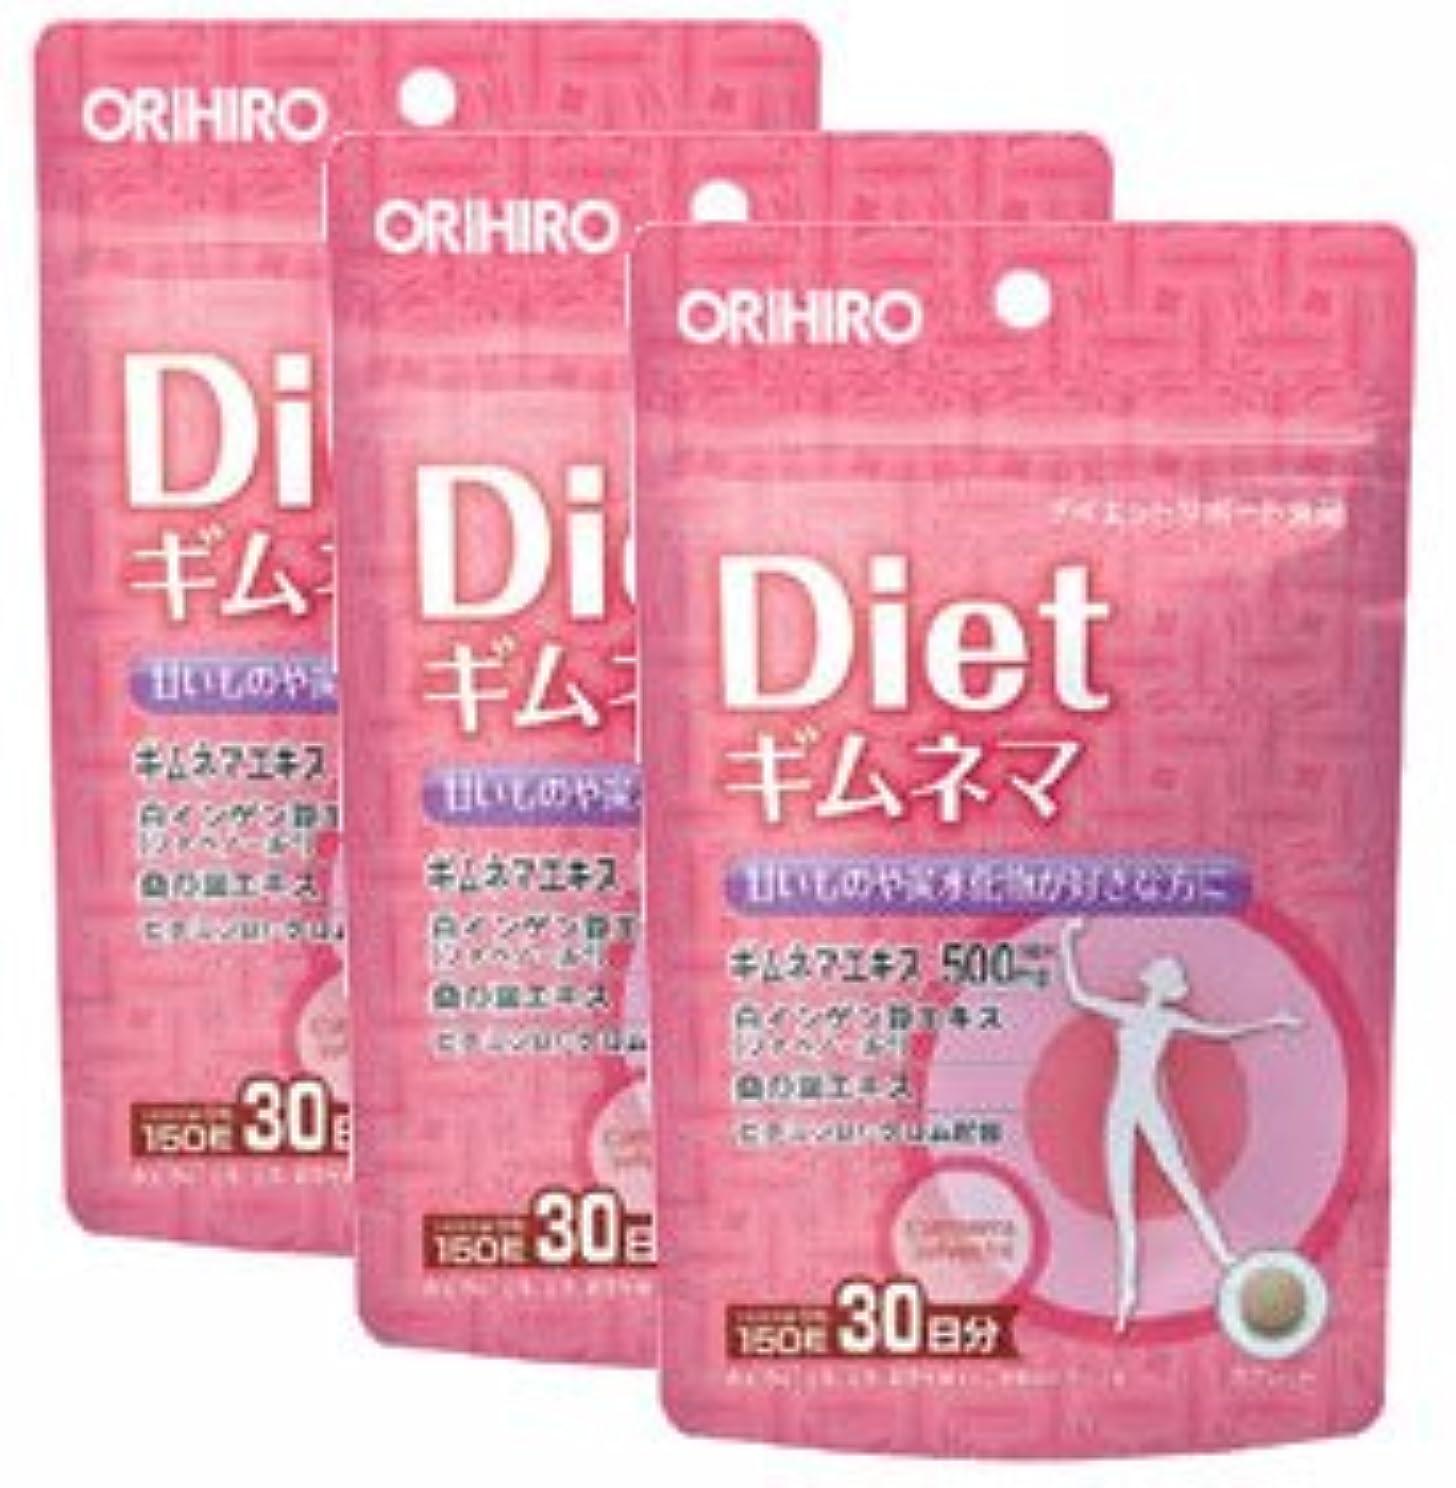 観察する電報冊子Dietギムネマ PD【3袋セット】オリヒロ